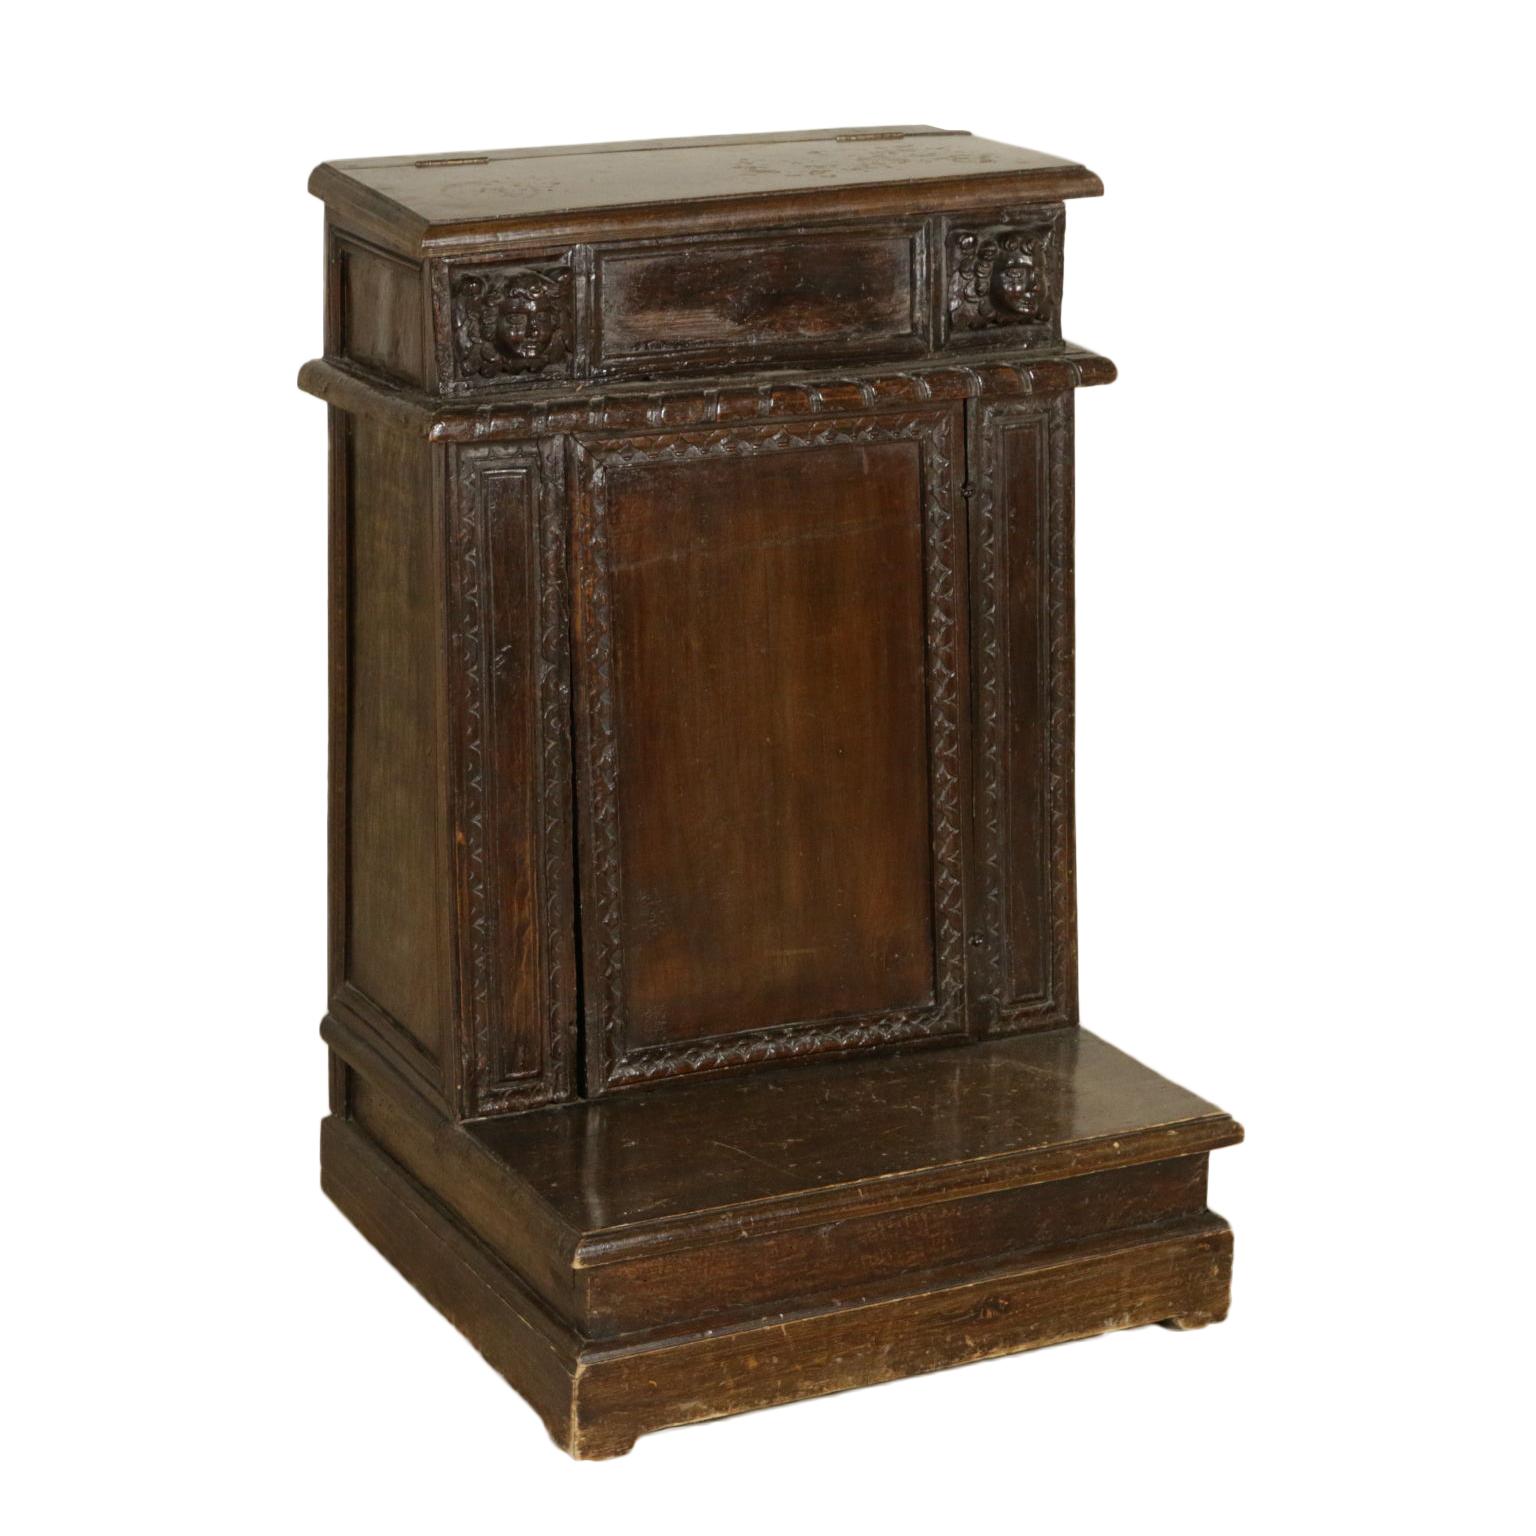 Un prie-dieu en madera de Nogal - Otros muebles - Antiguedades ...